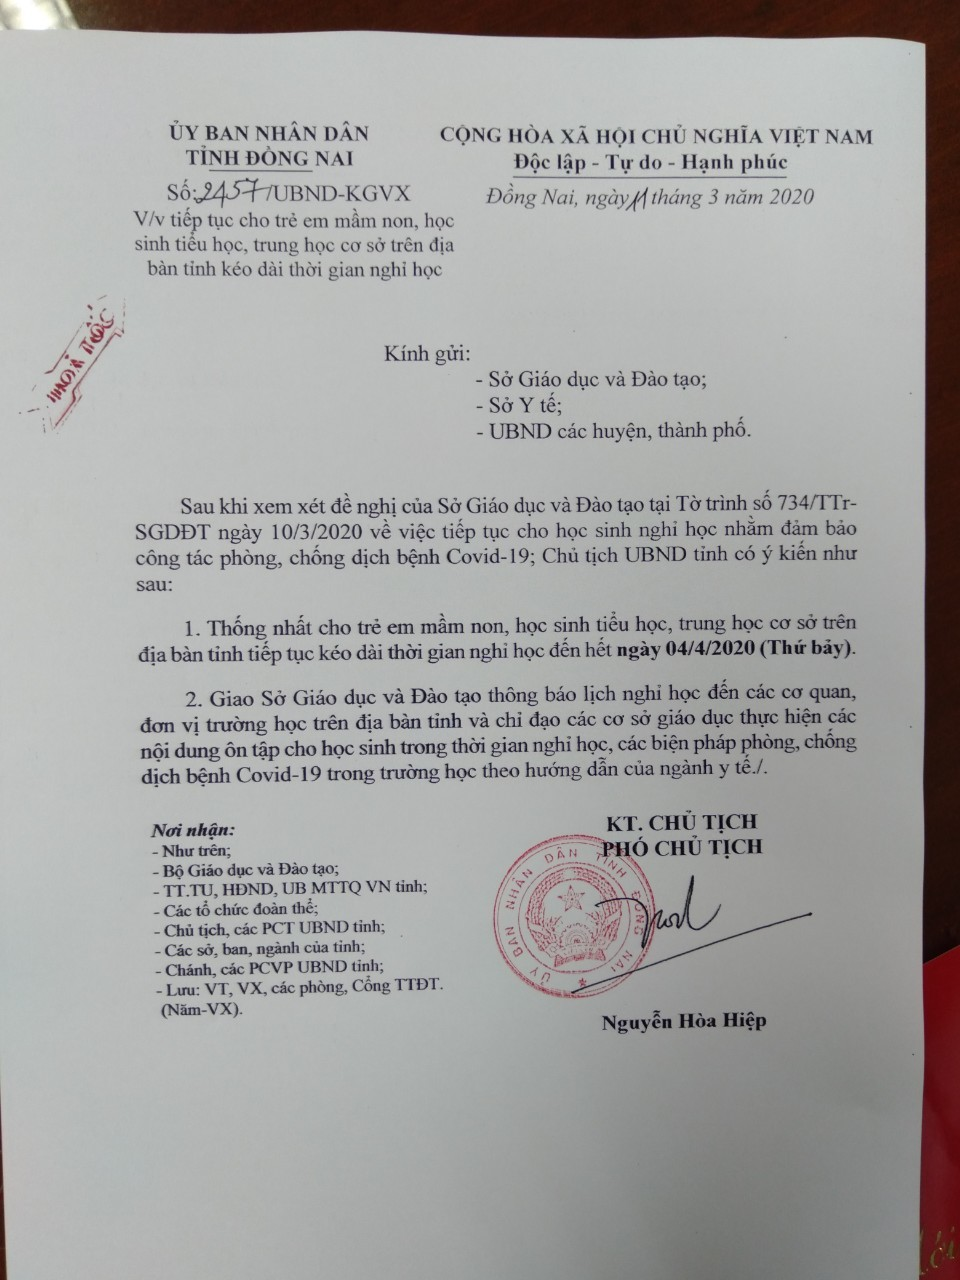 Học sinh Bình Thuận nghỉ đến khi có thông báo mới, Đồng Nai nghỉ sang tháng 4